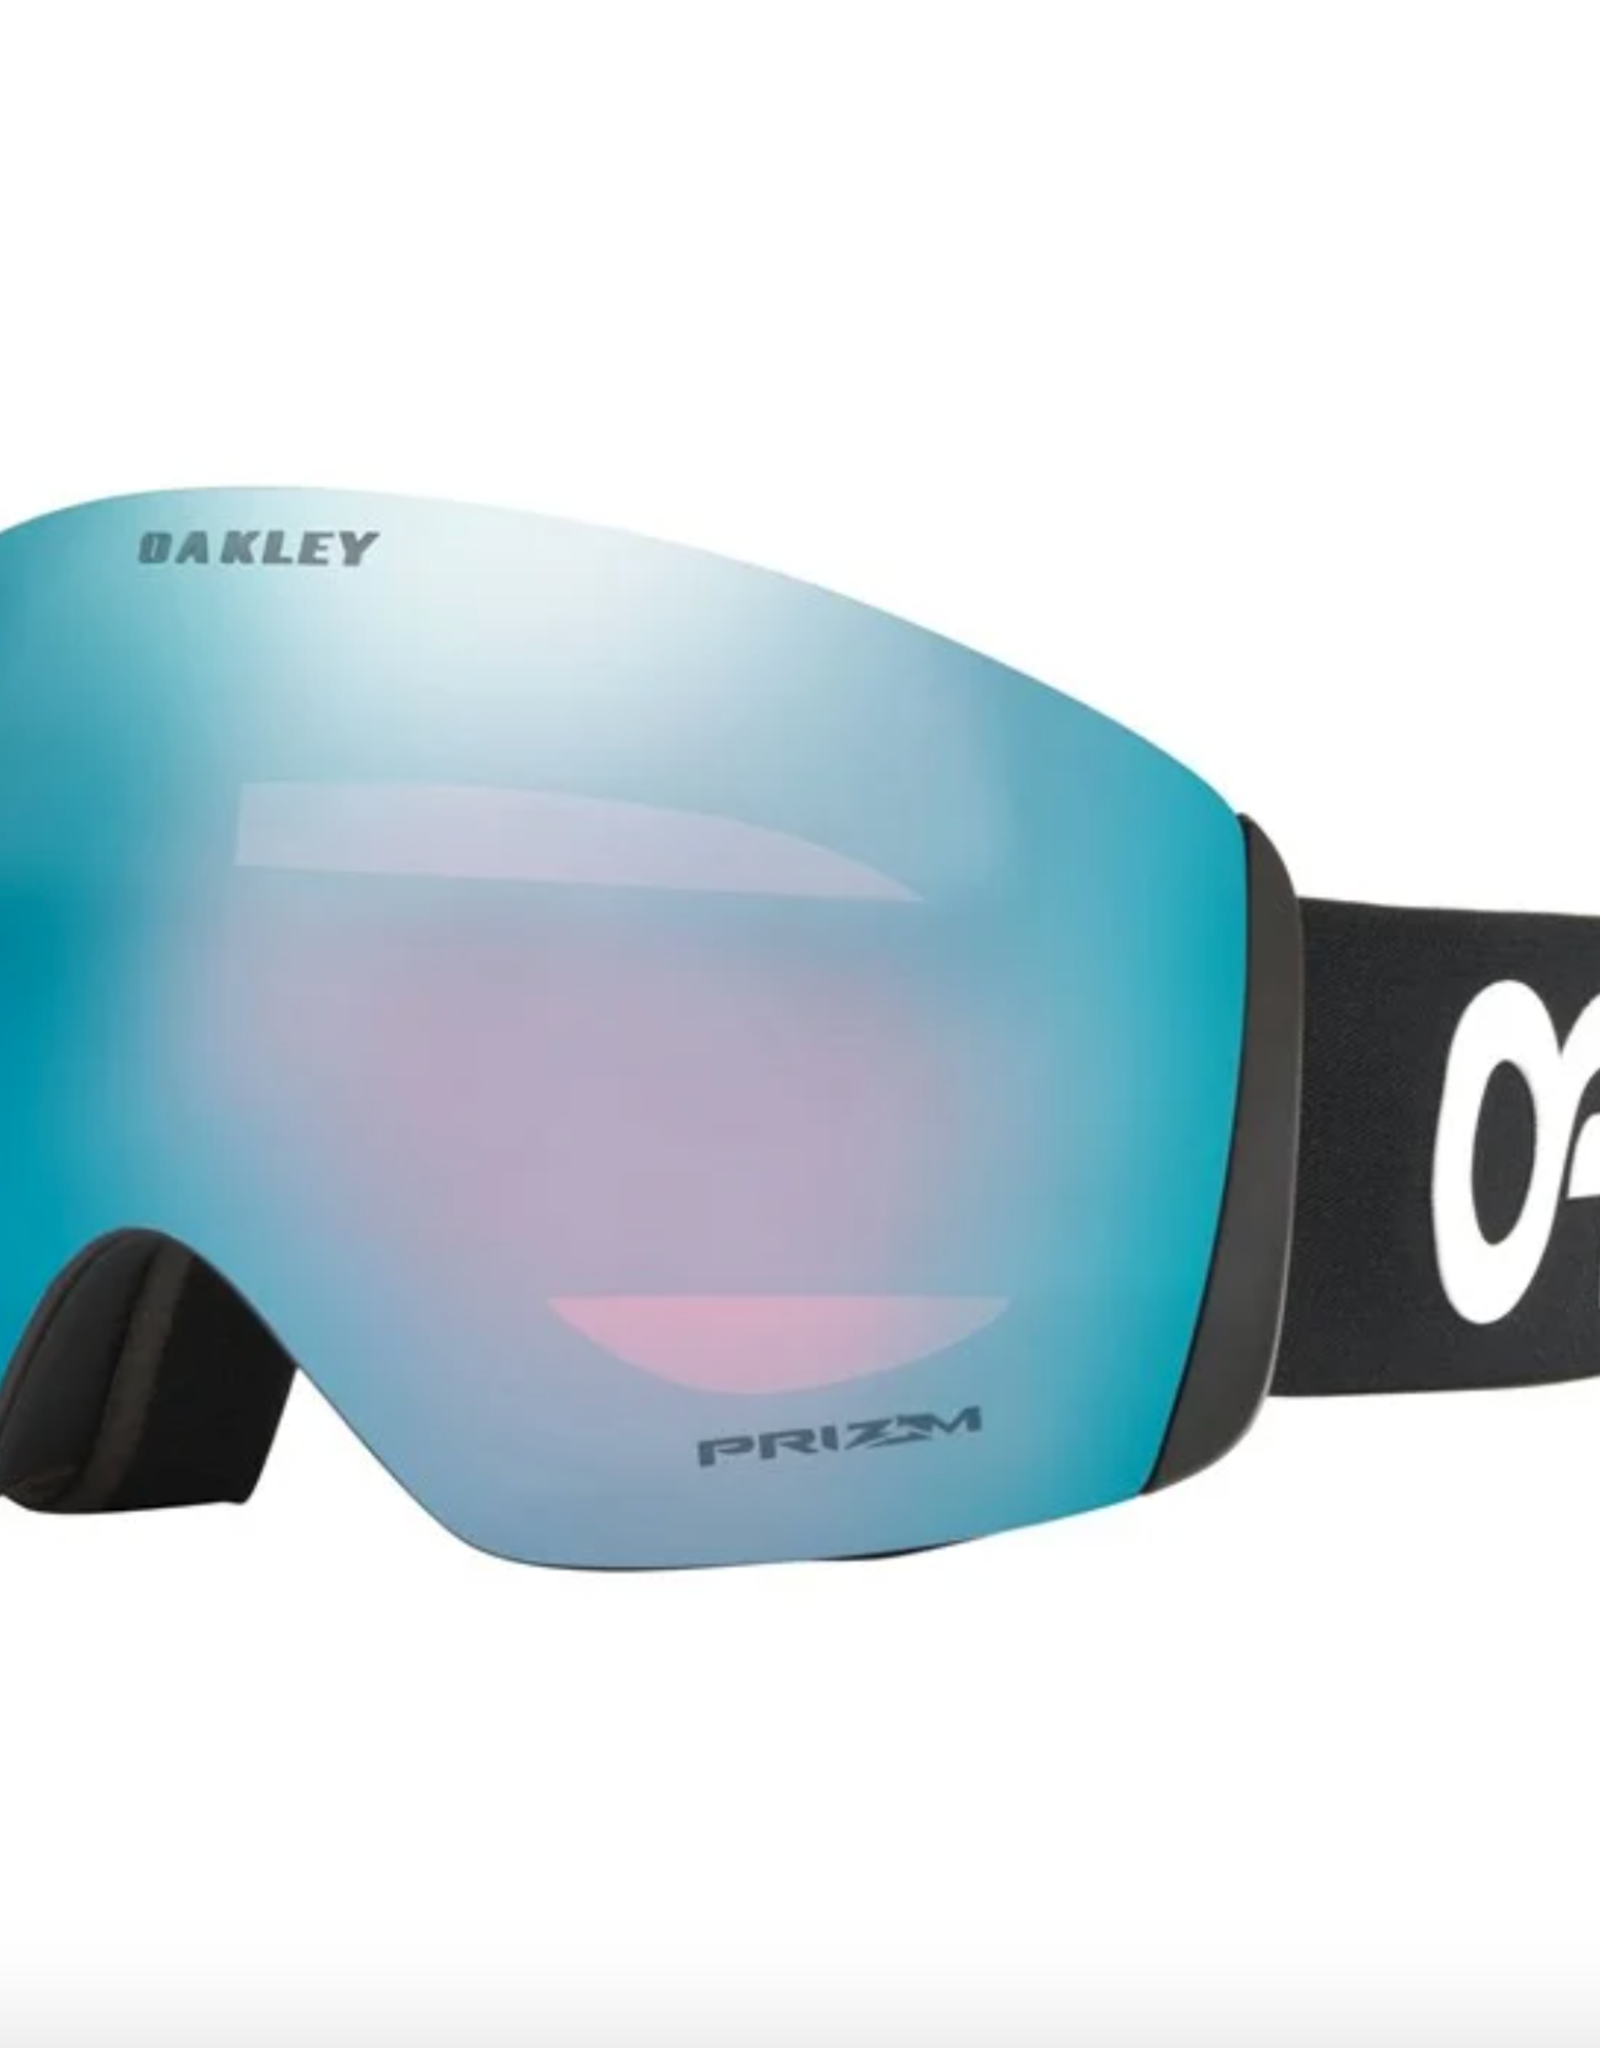 OAKLEY Oakley Flight Deck FP Black w/ Prizm Sapphire